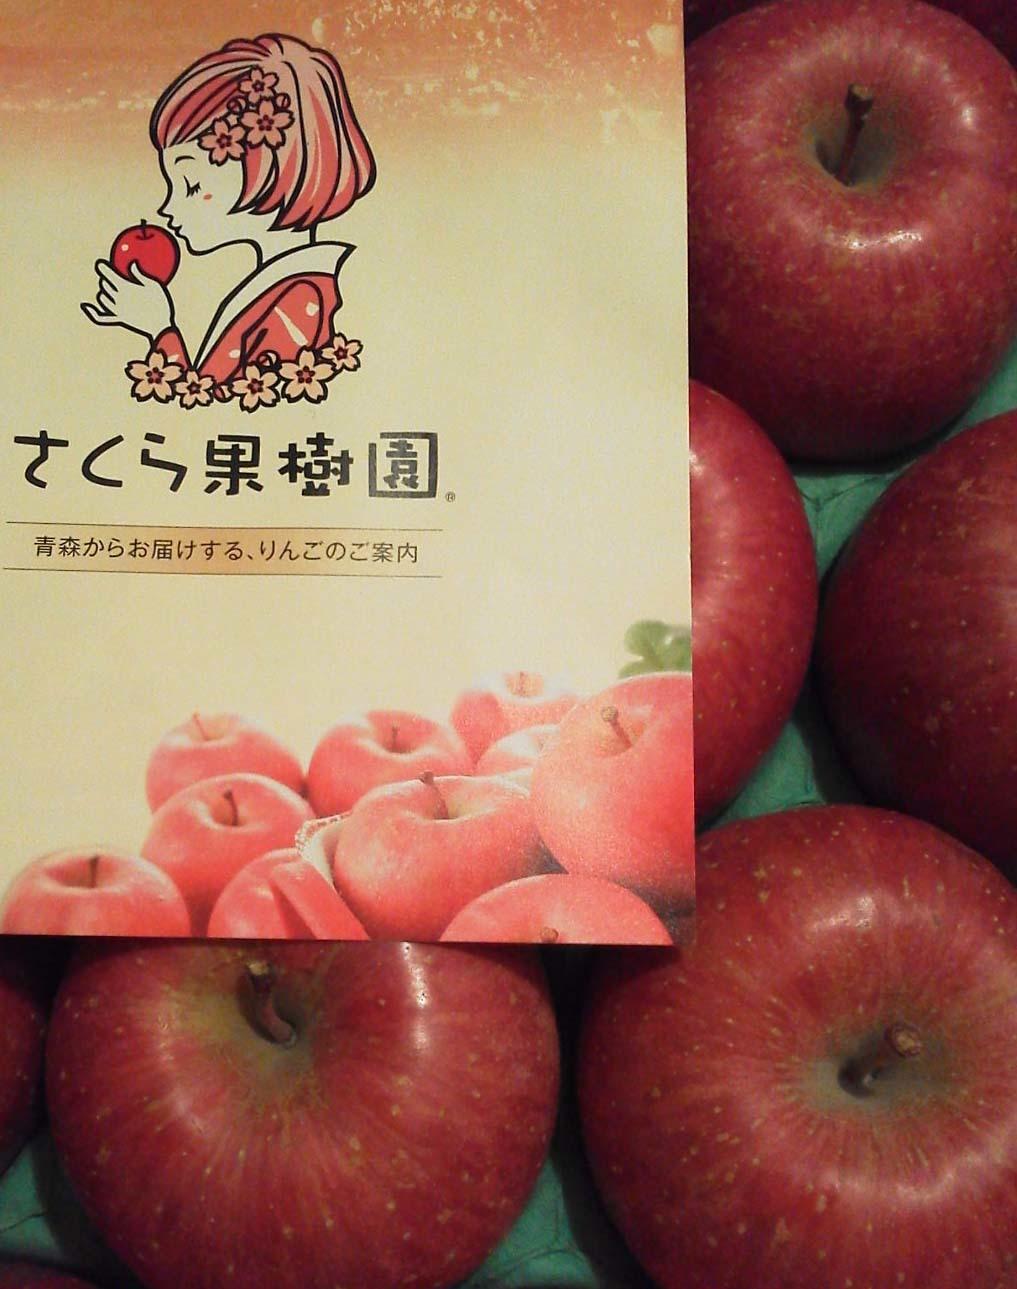 2016dec6リンゴ農園パンフ入り回転トリミングK0120245